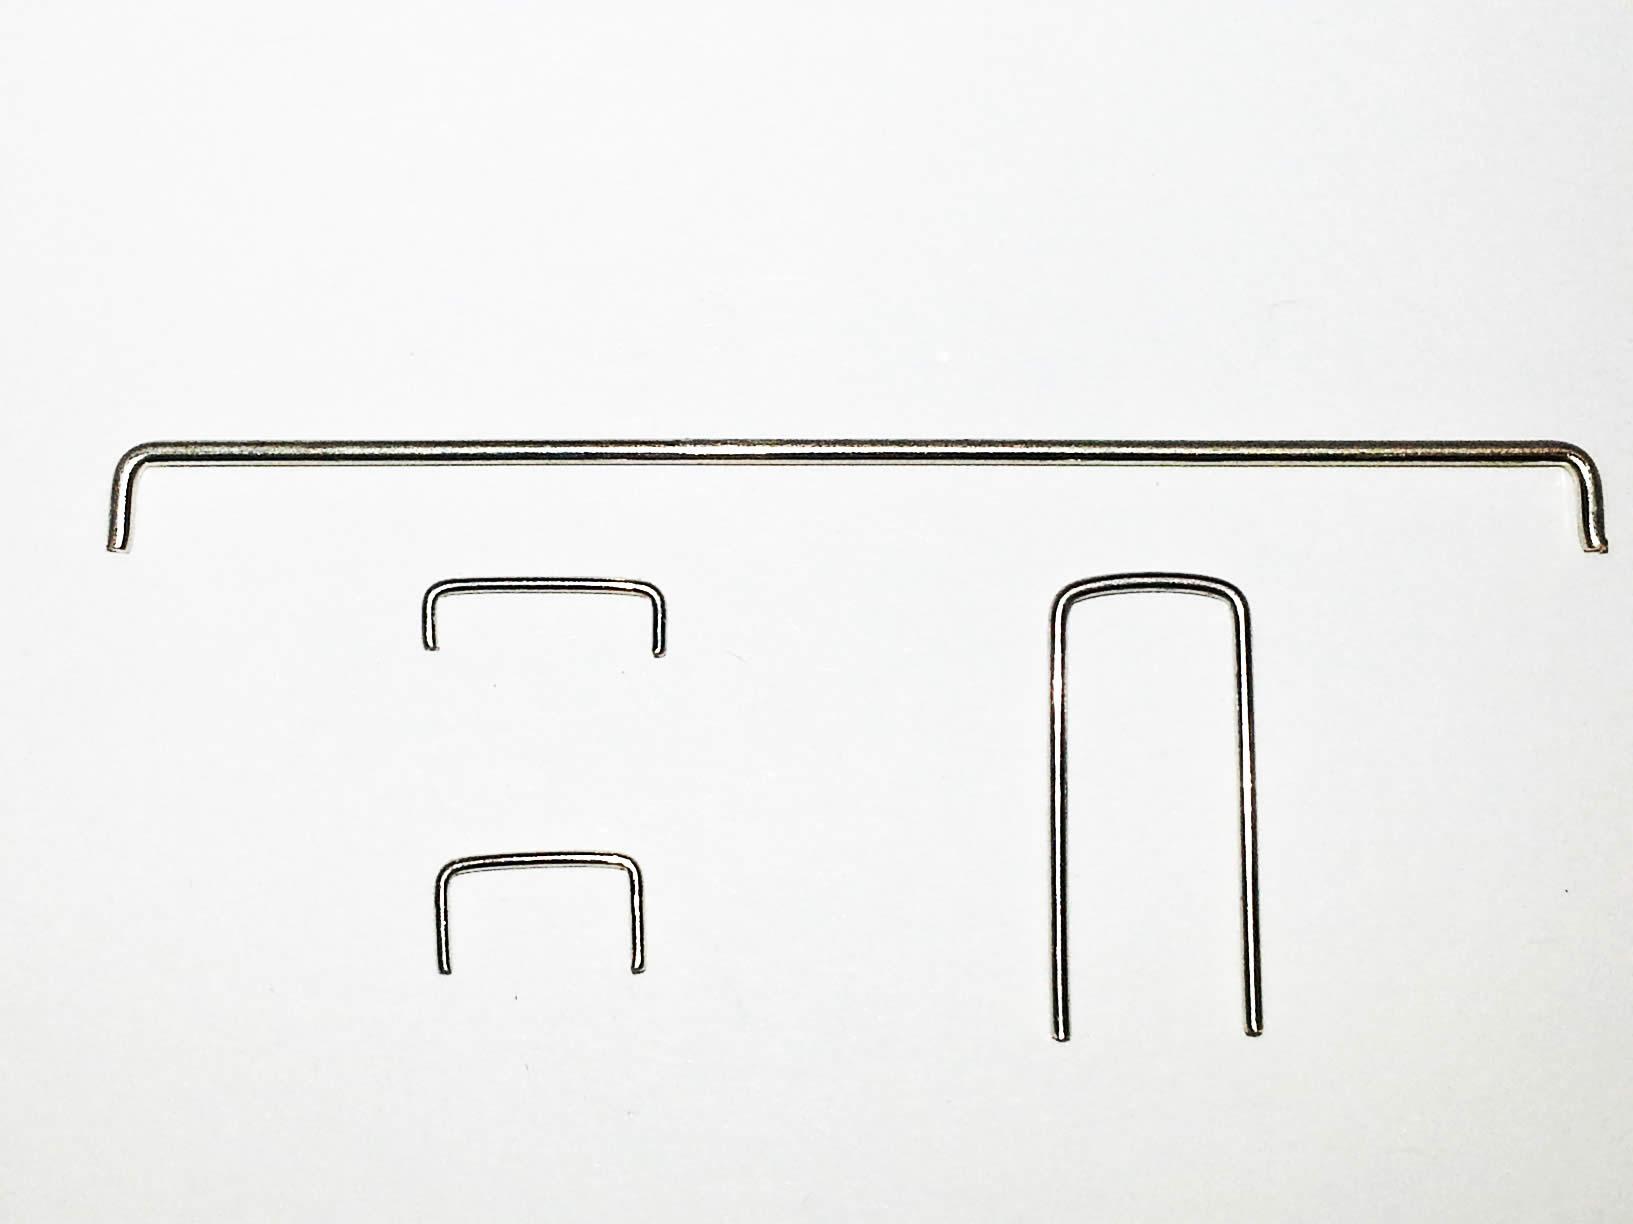 Bare Staple Jumper Wire